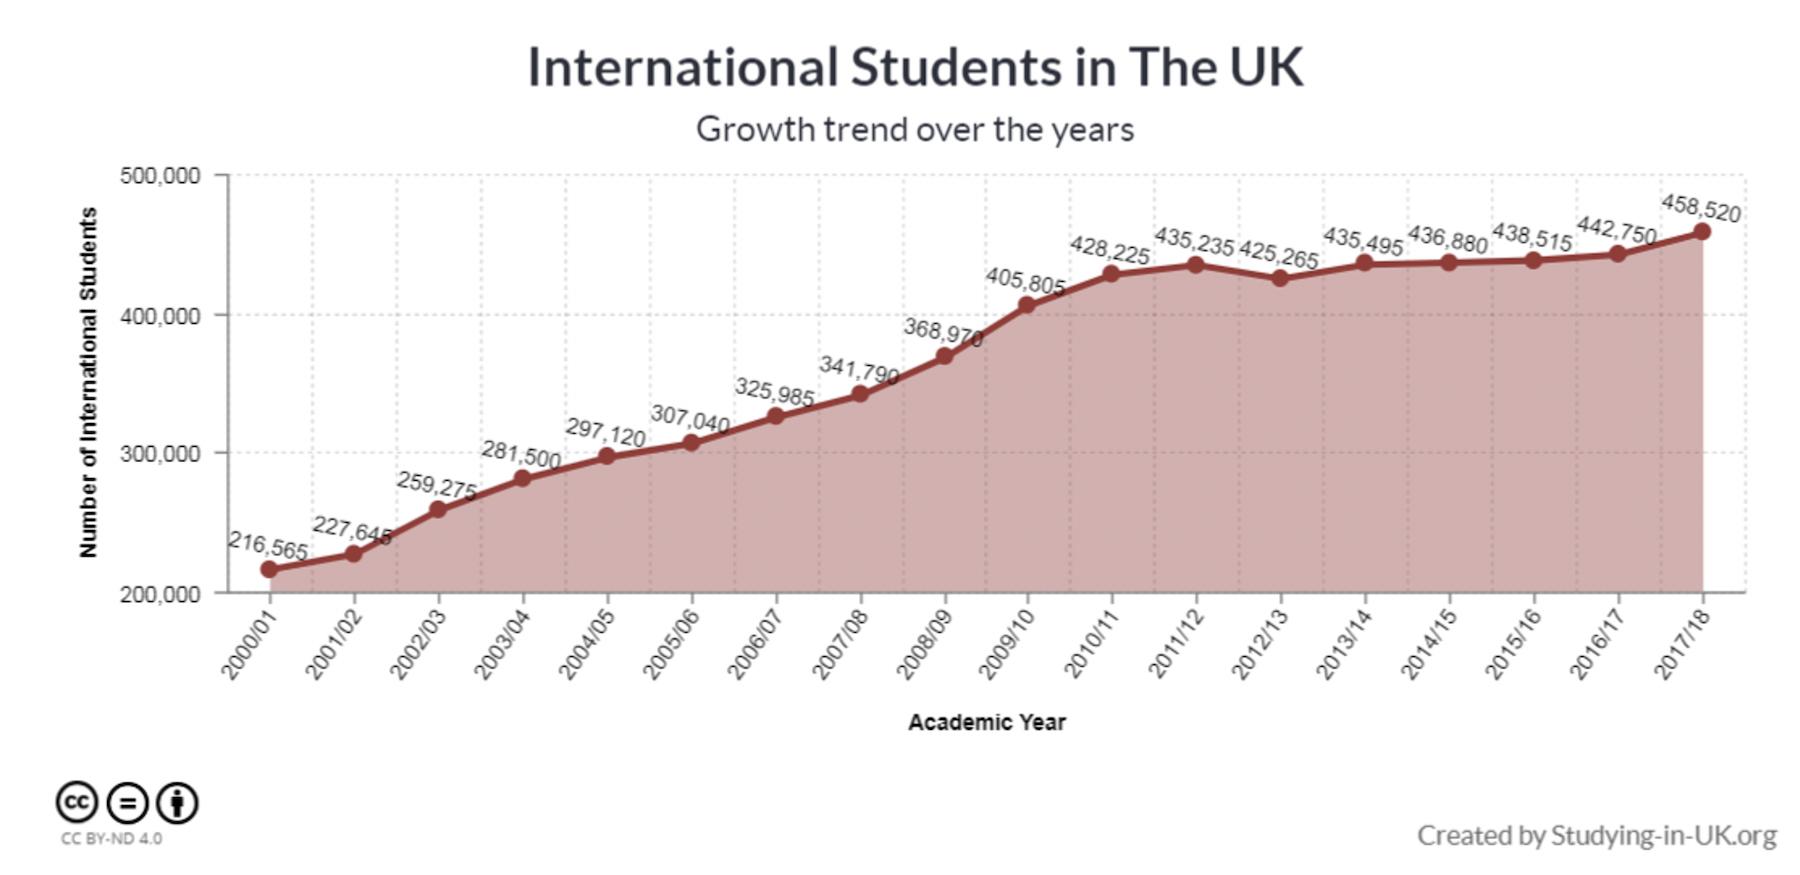 international students I the uk